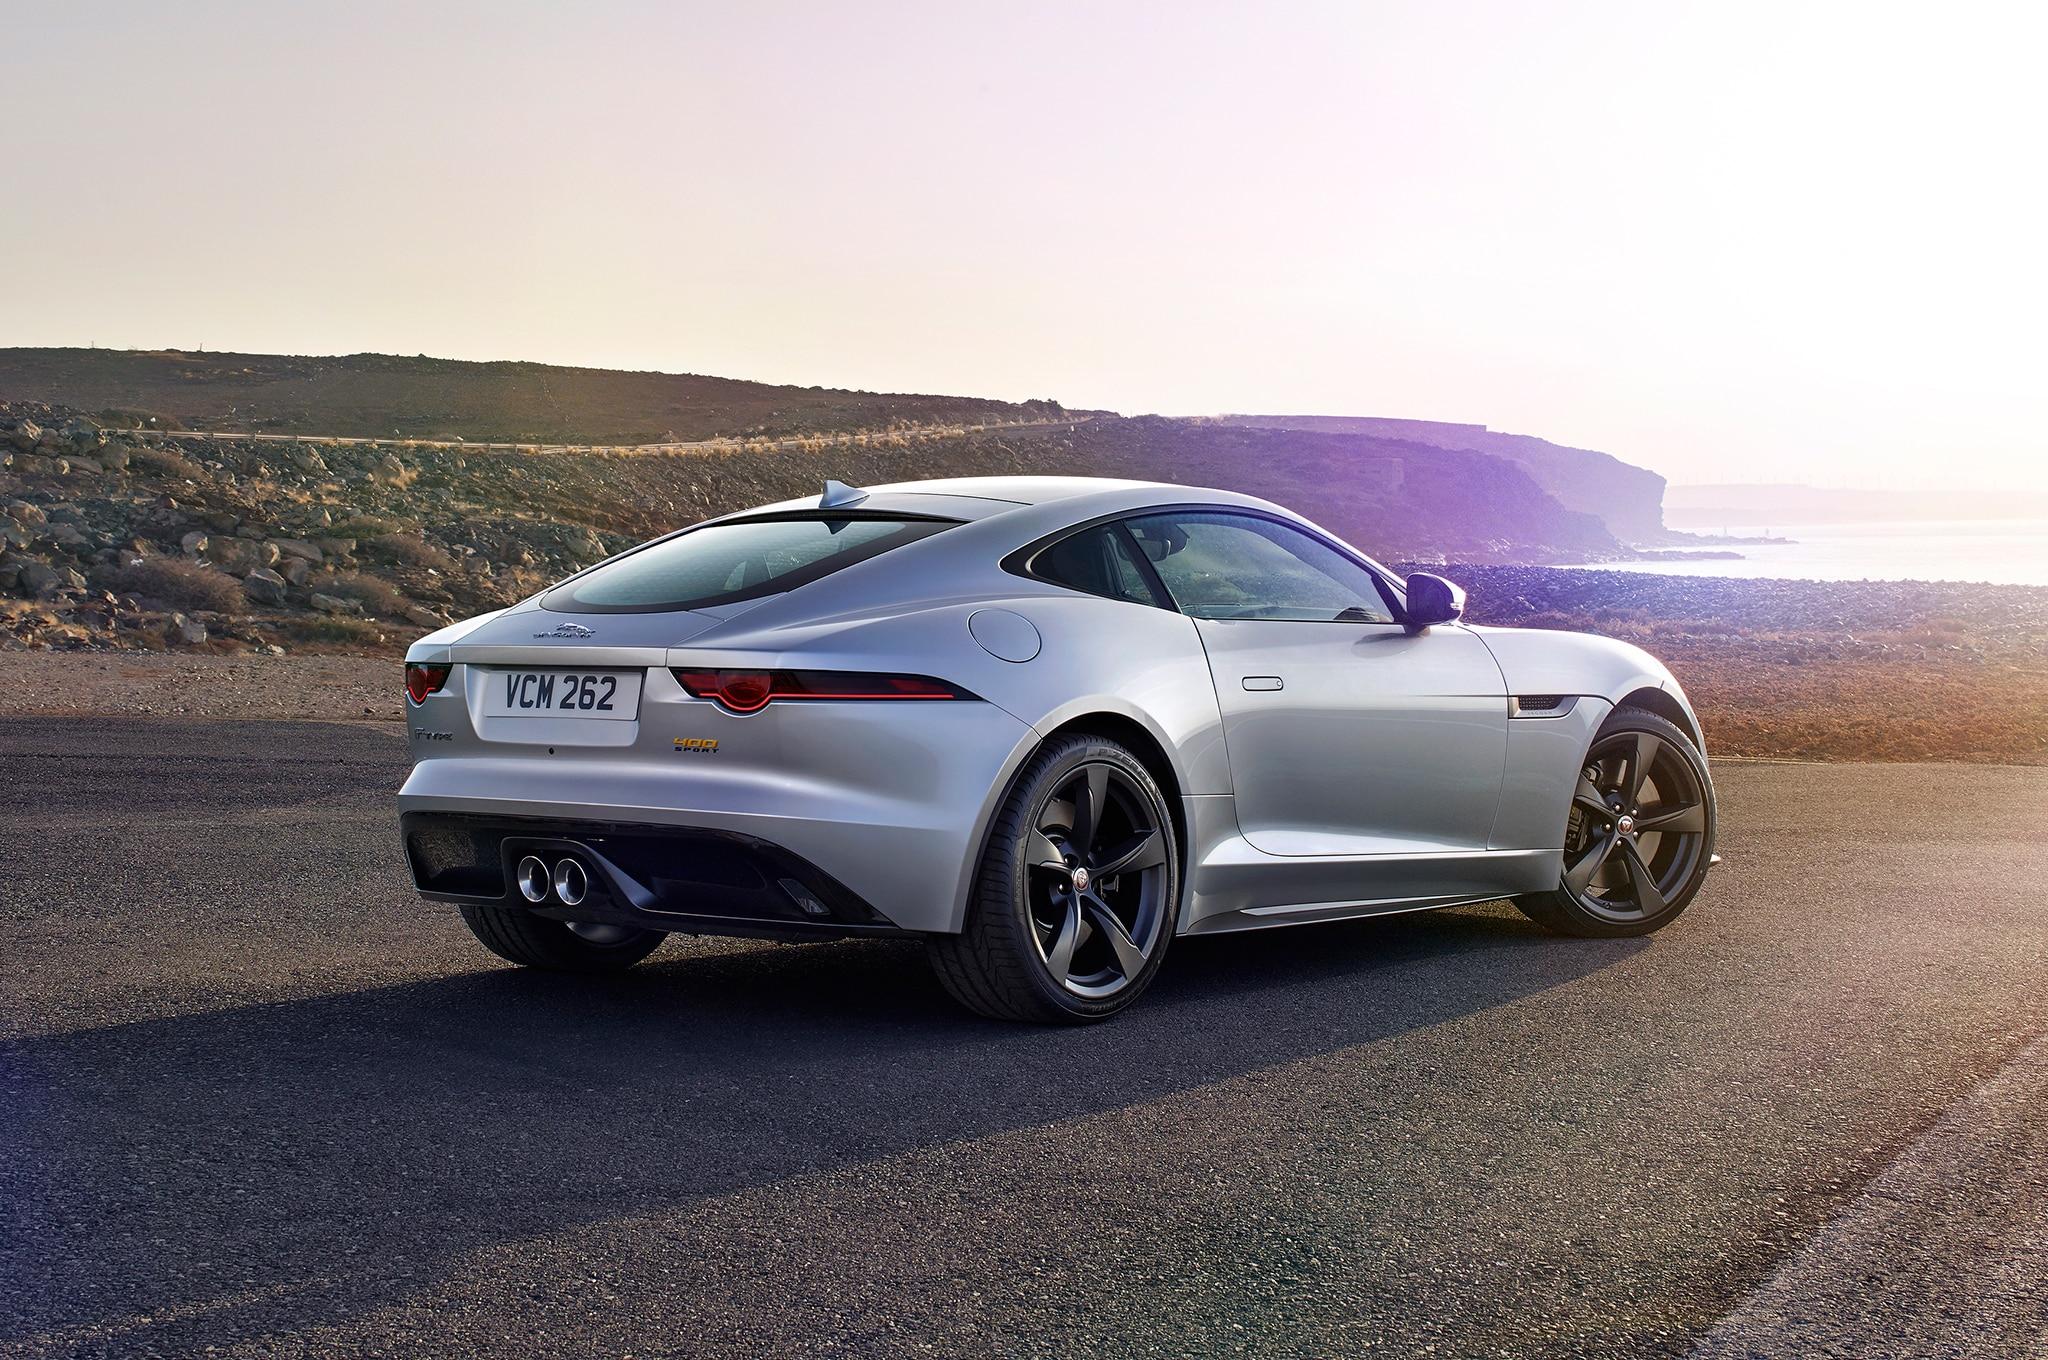 2018 Jaguar F Type Rear Three Quarter 34